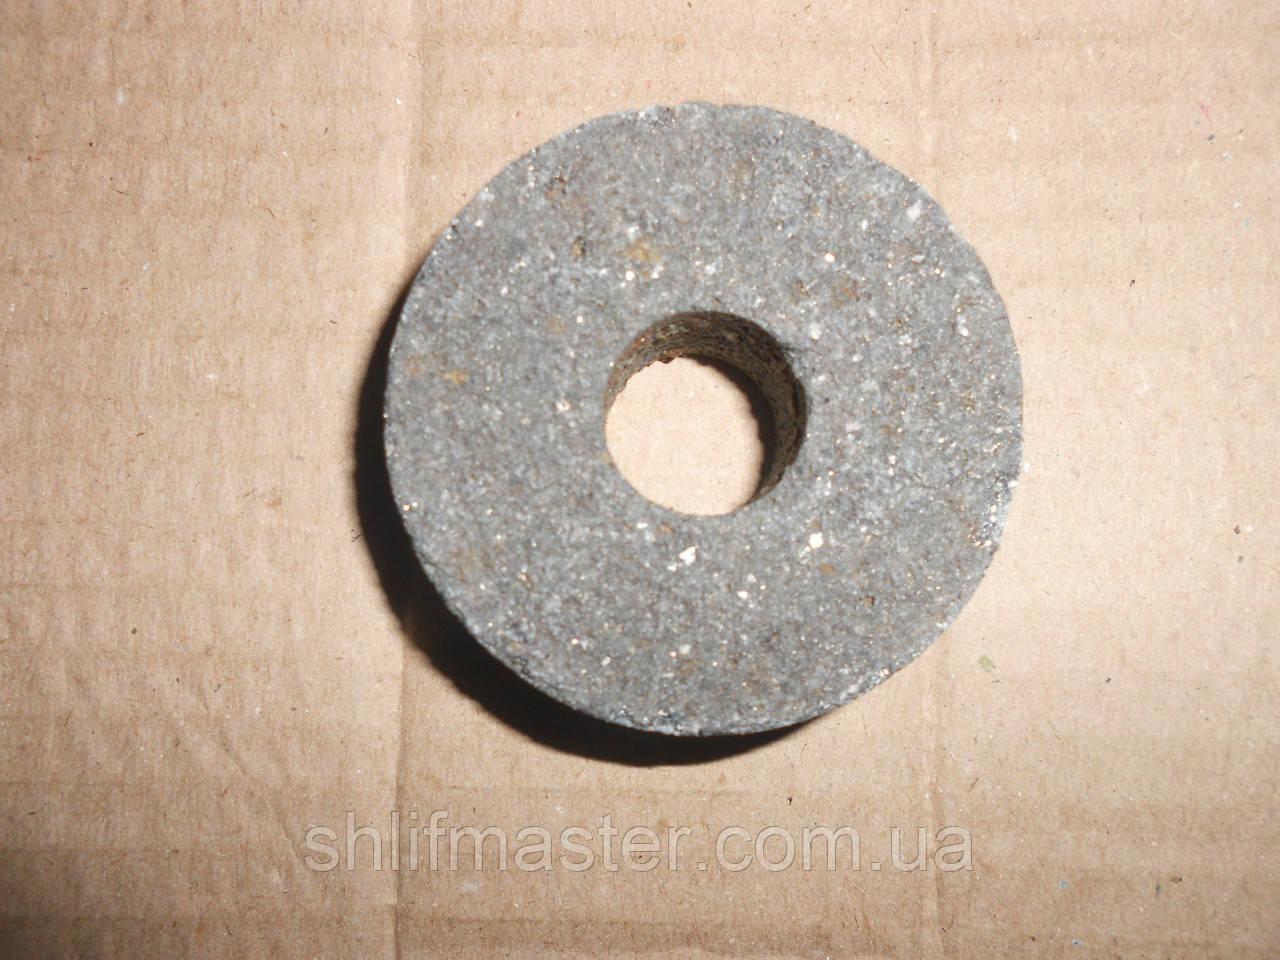 Чашка цилиндрическая ЧЦ 14А керамическая шлифовальная 125х63х32 25-40 СМ